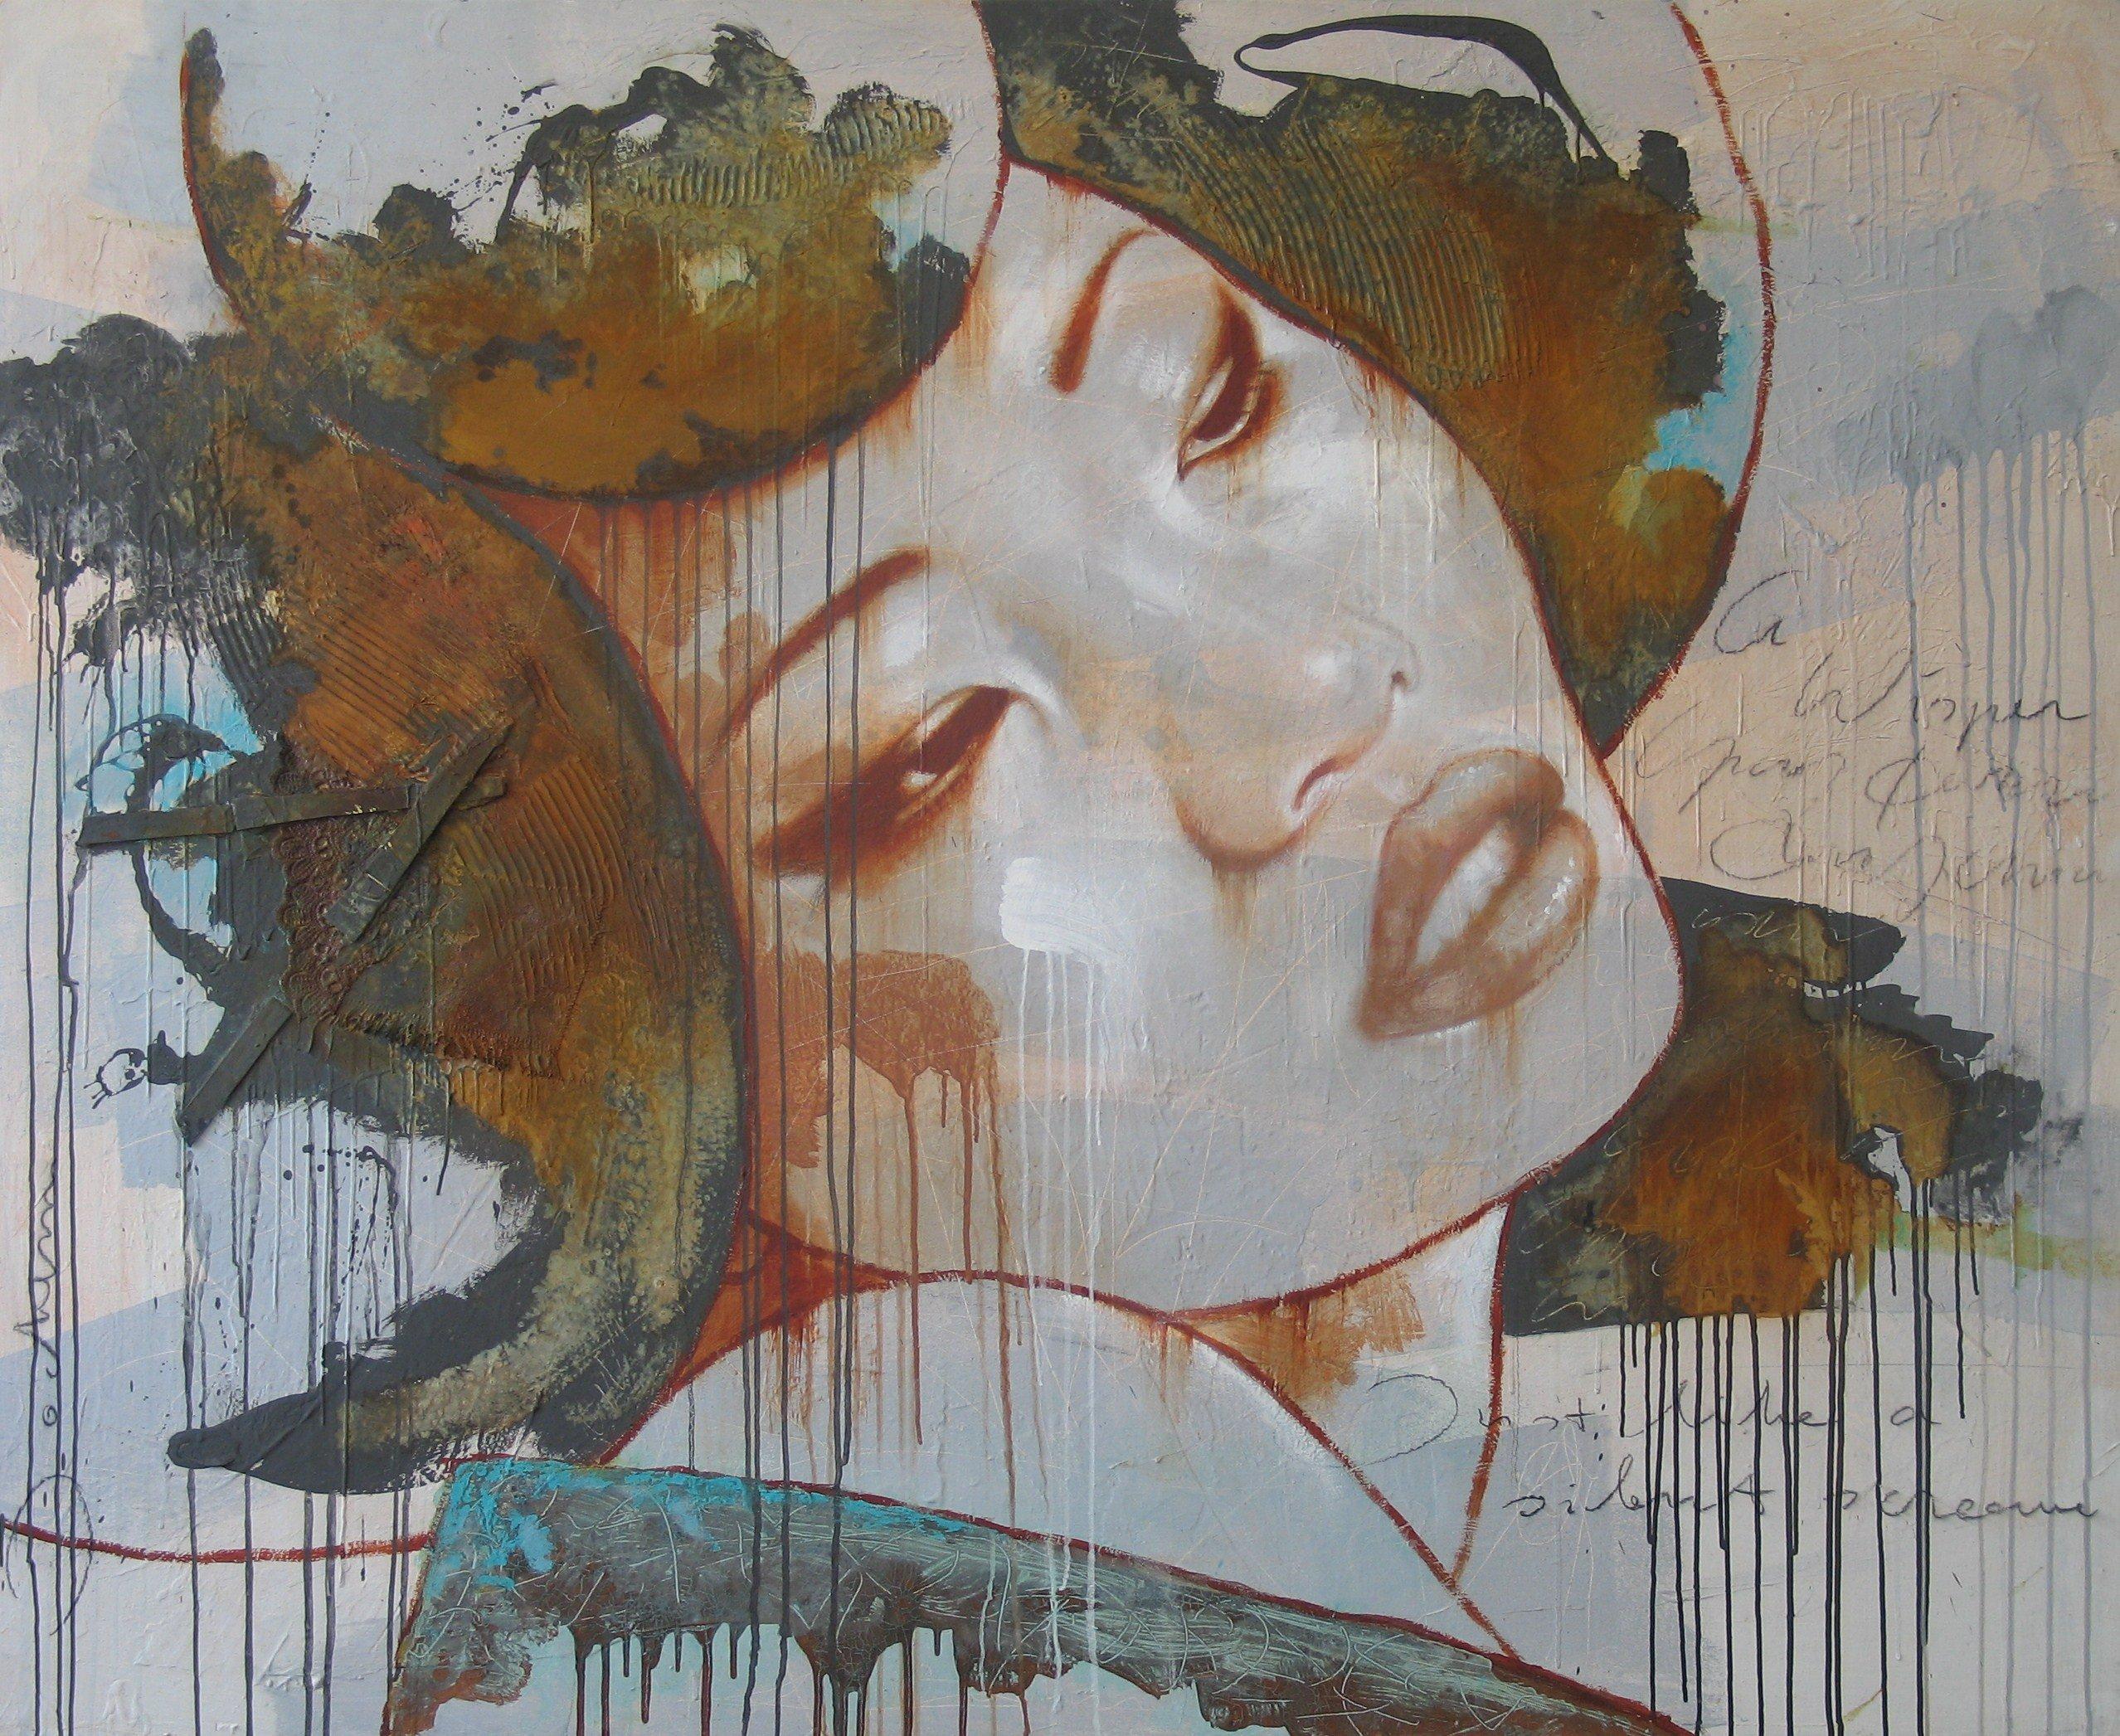 Cómo Pintar Con Spray Técnicas Y Consejos Tutoriales Arte De Totenart